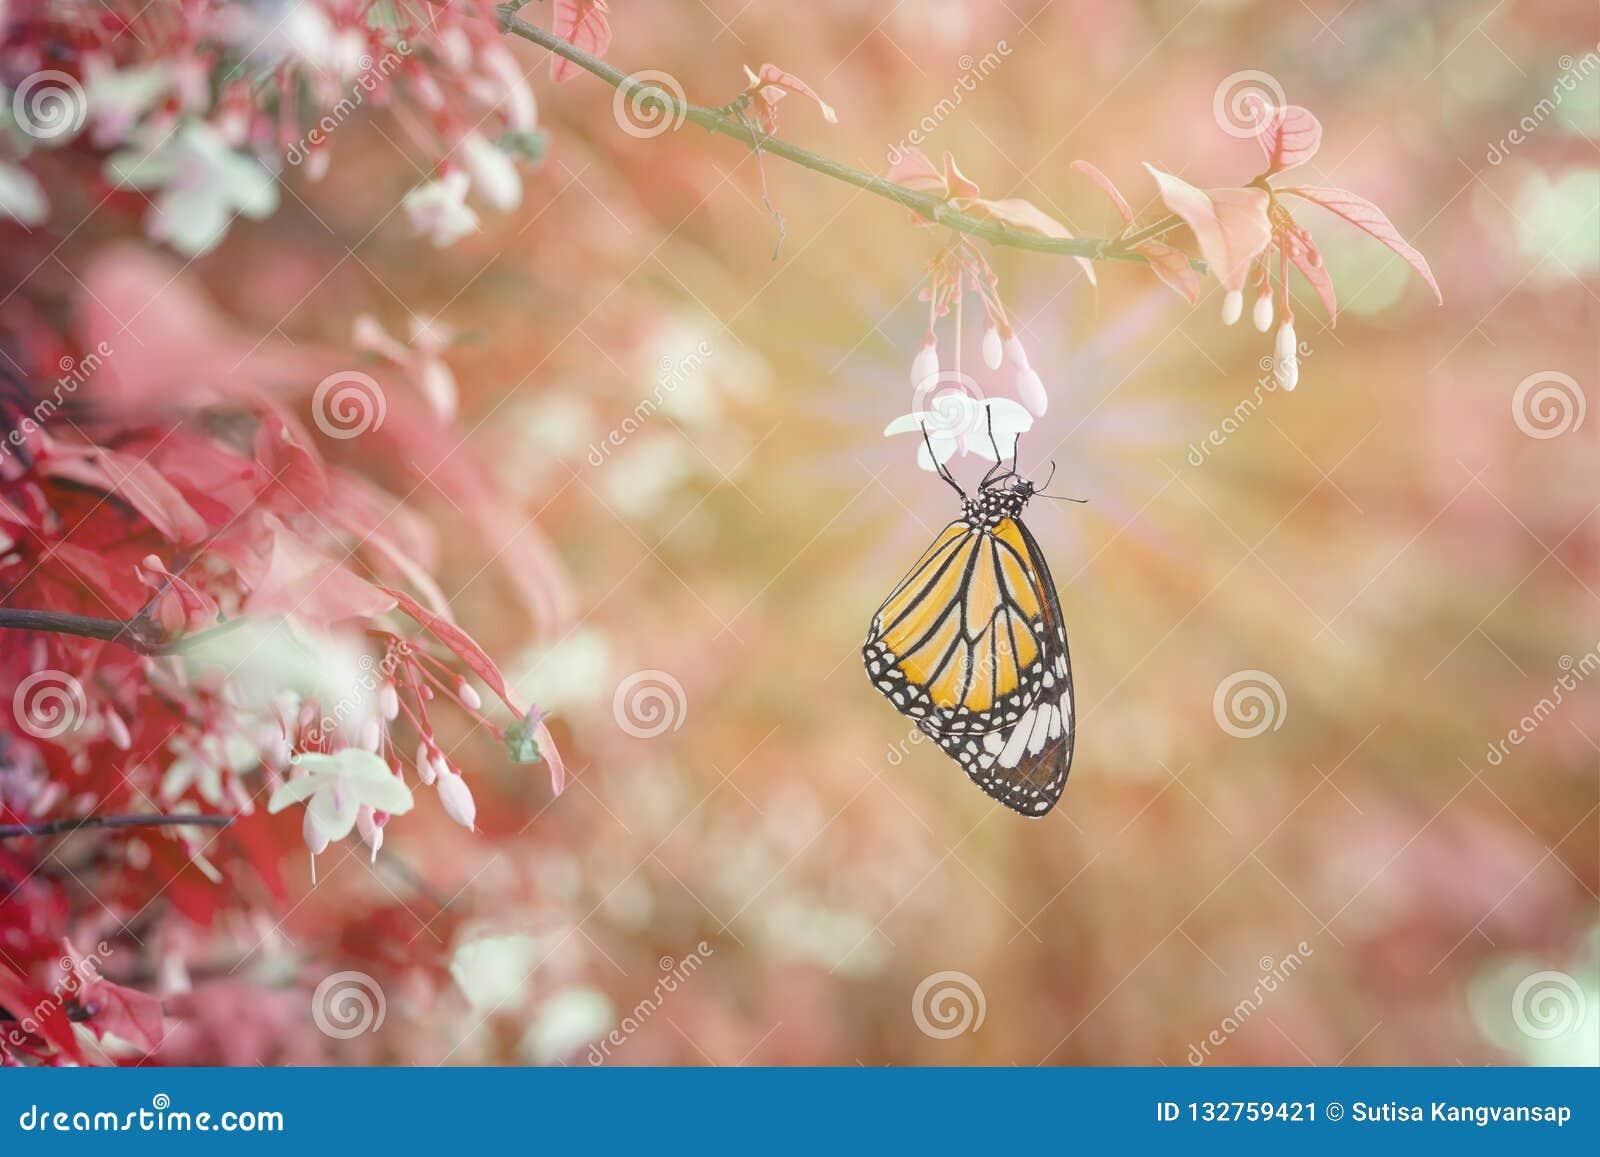 Общая бабочка тигра отдыхая на белом цветке